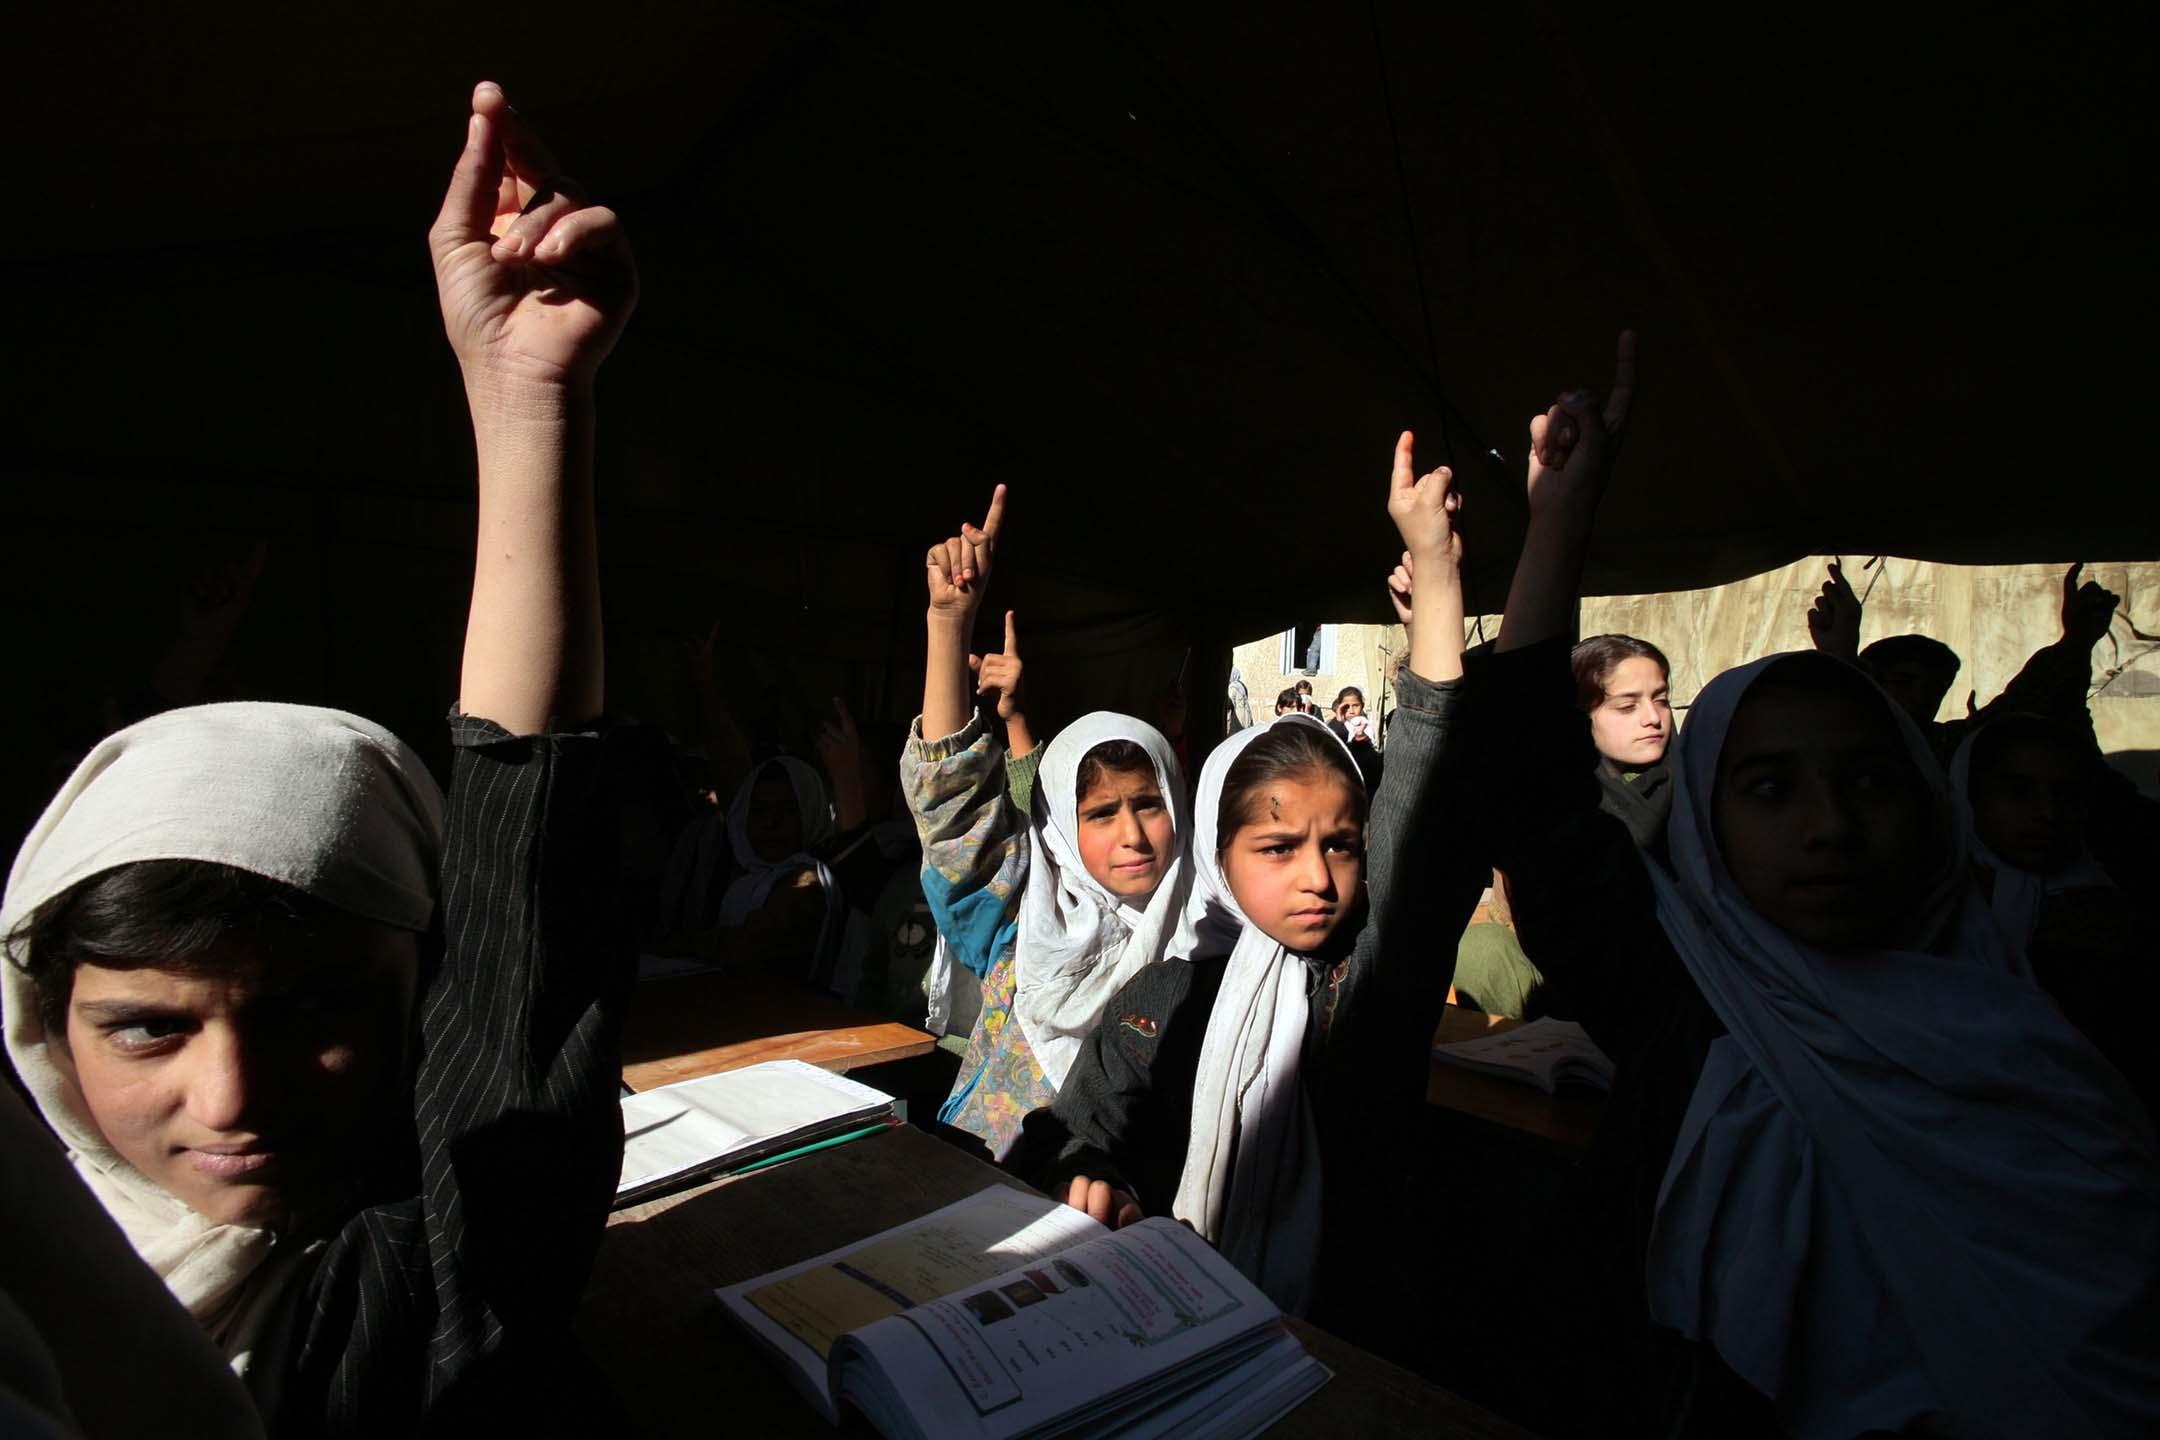 2006年11月22日阿富汗喀布爾,阿富汗女孩在英語課上舉手。